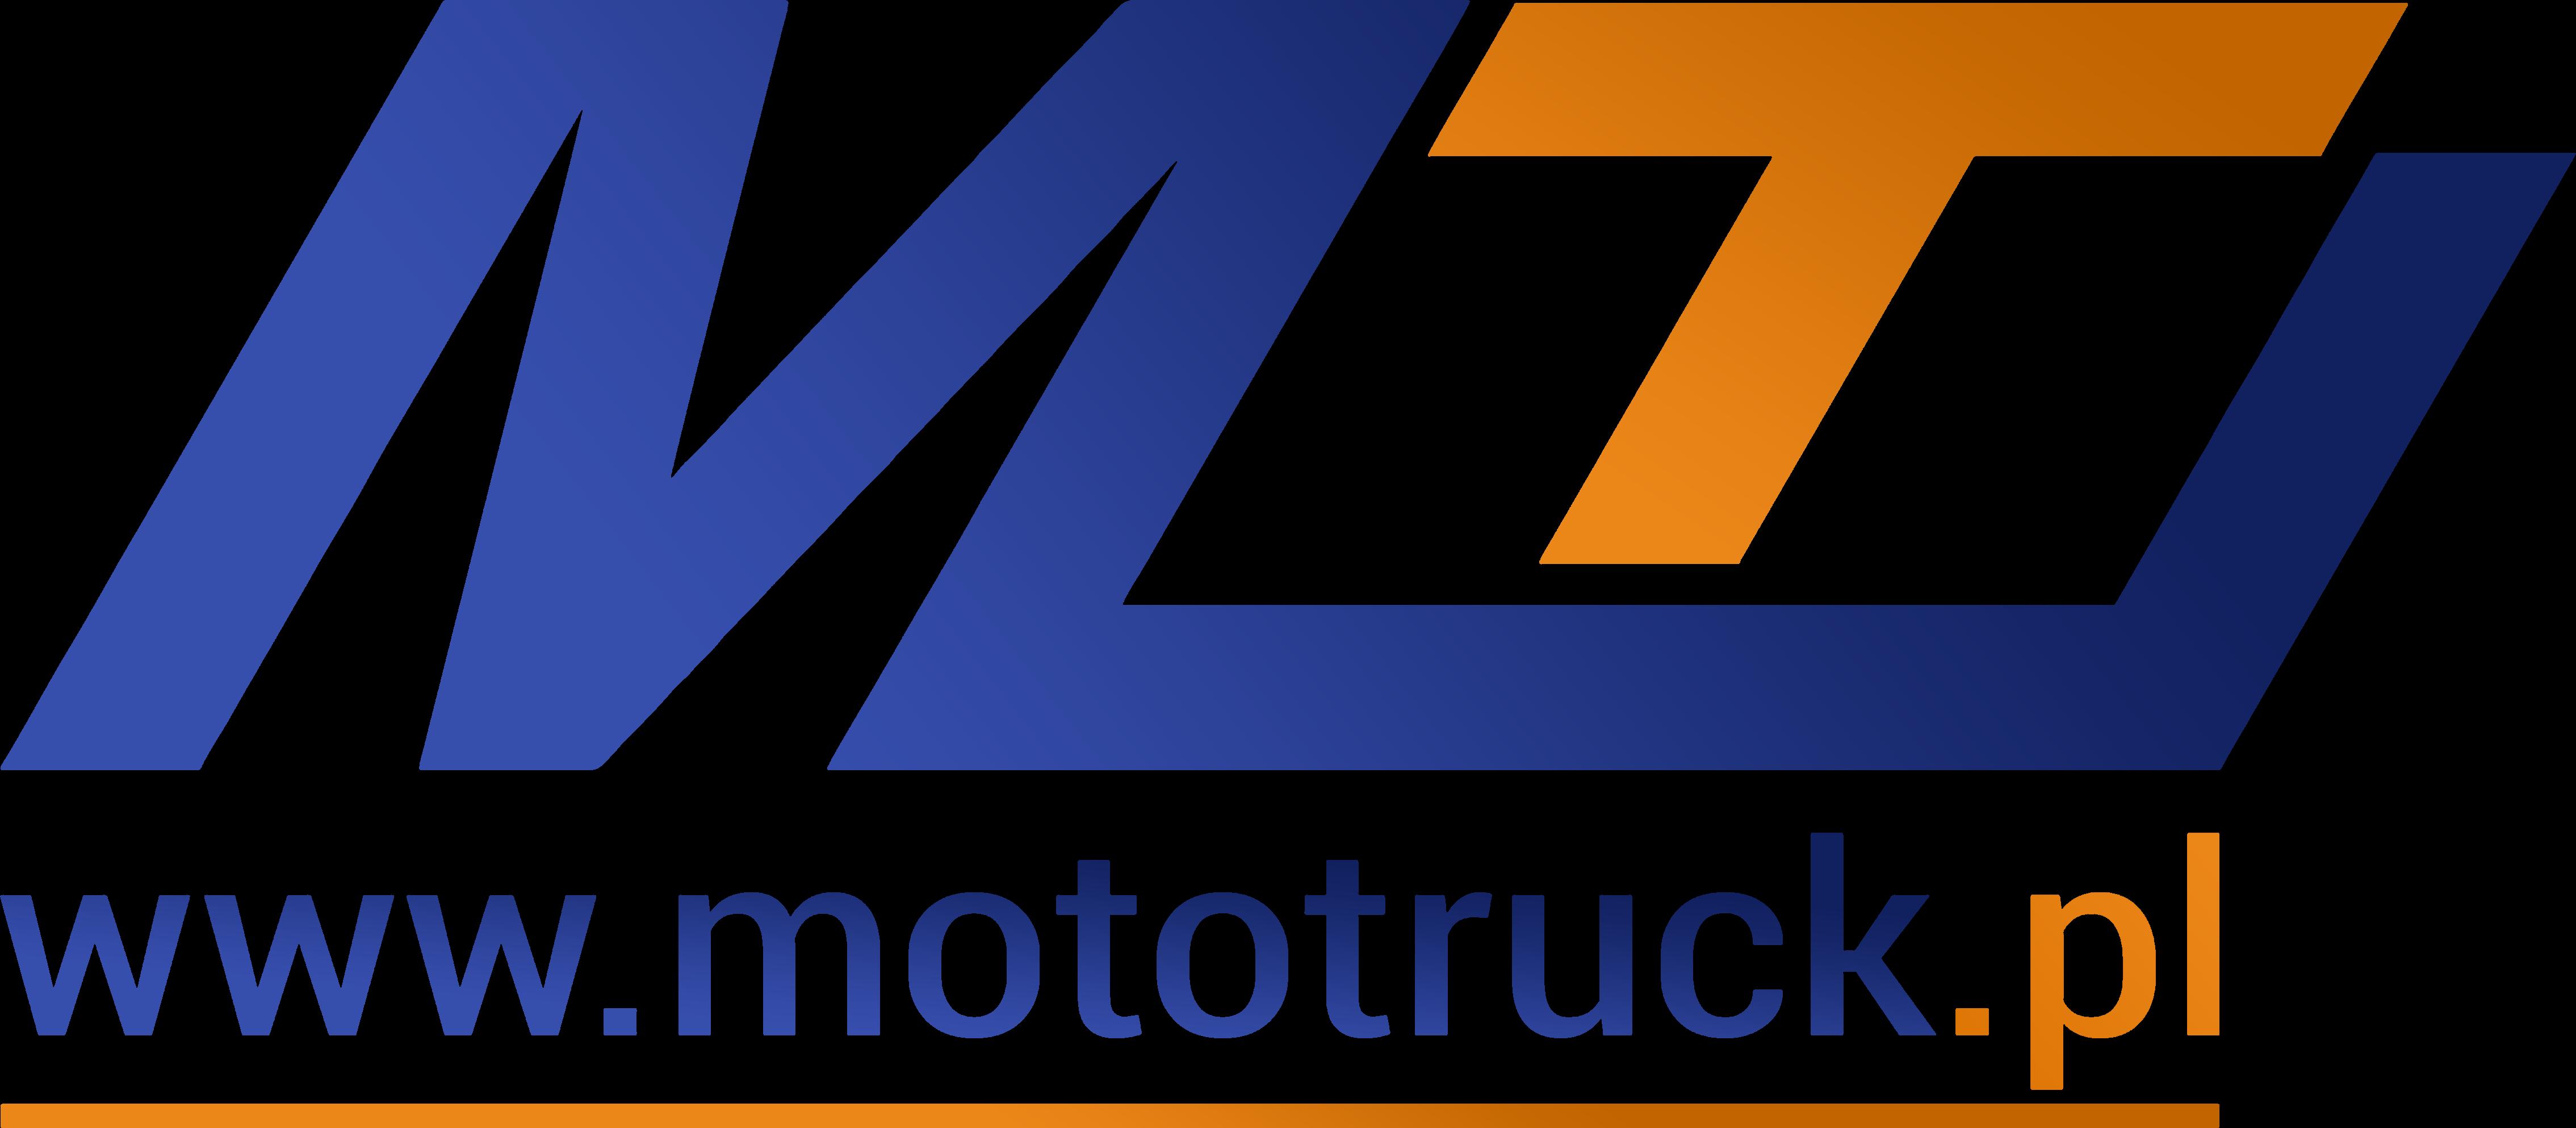 MOTOTRUCK